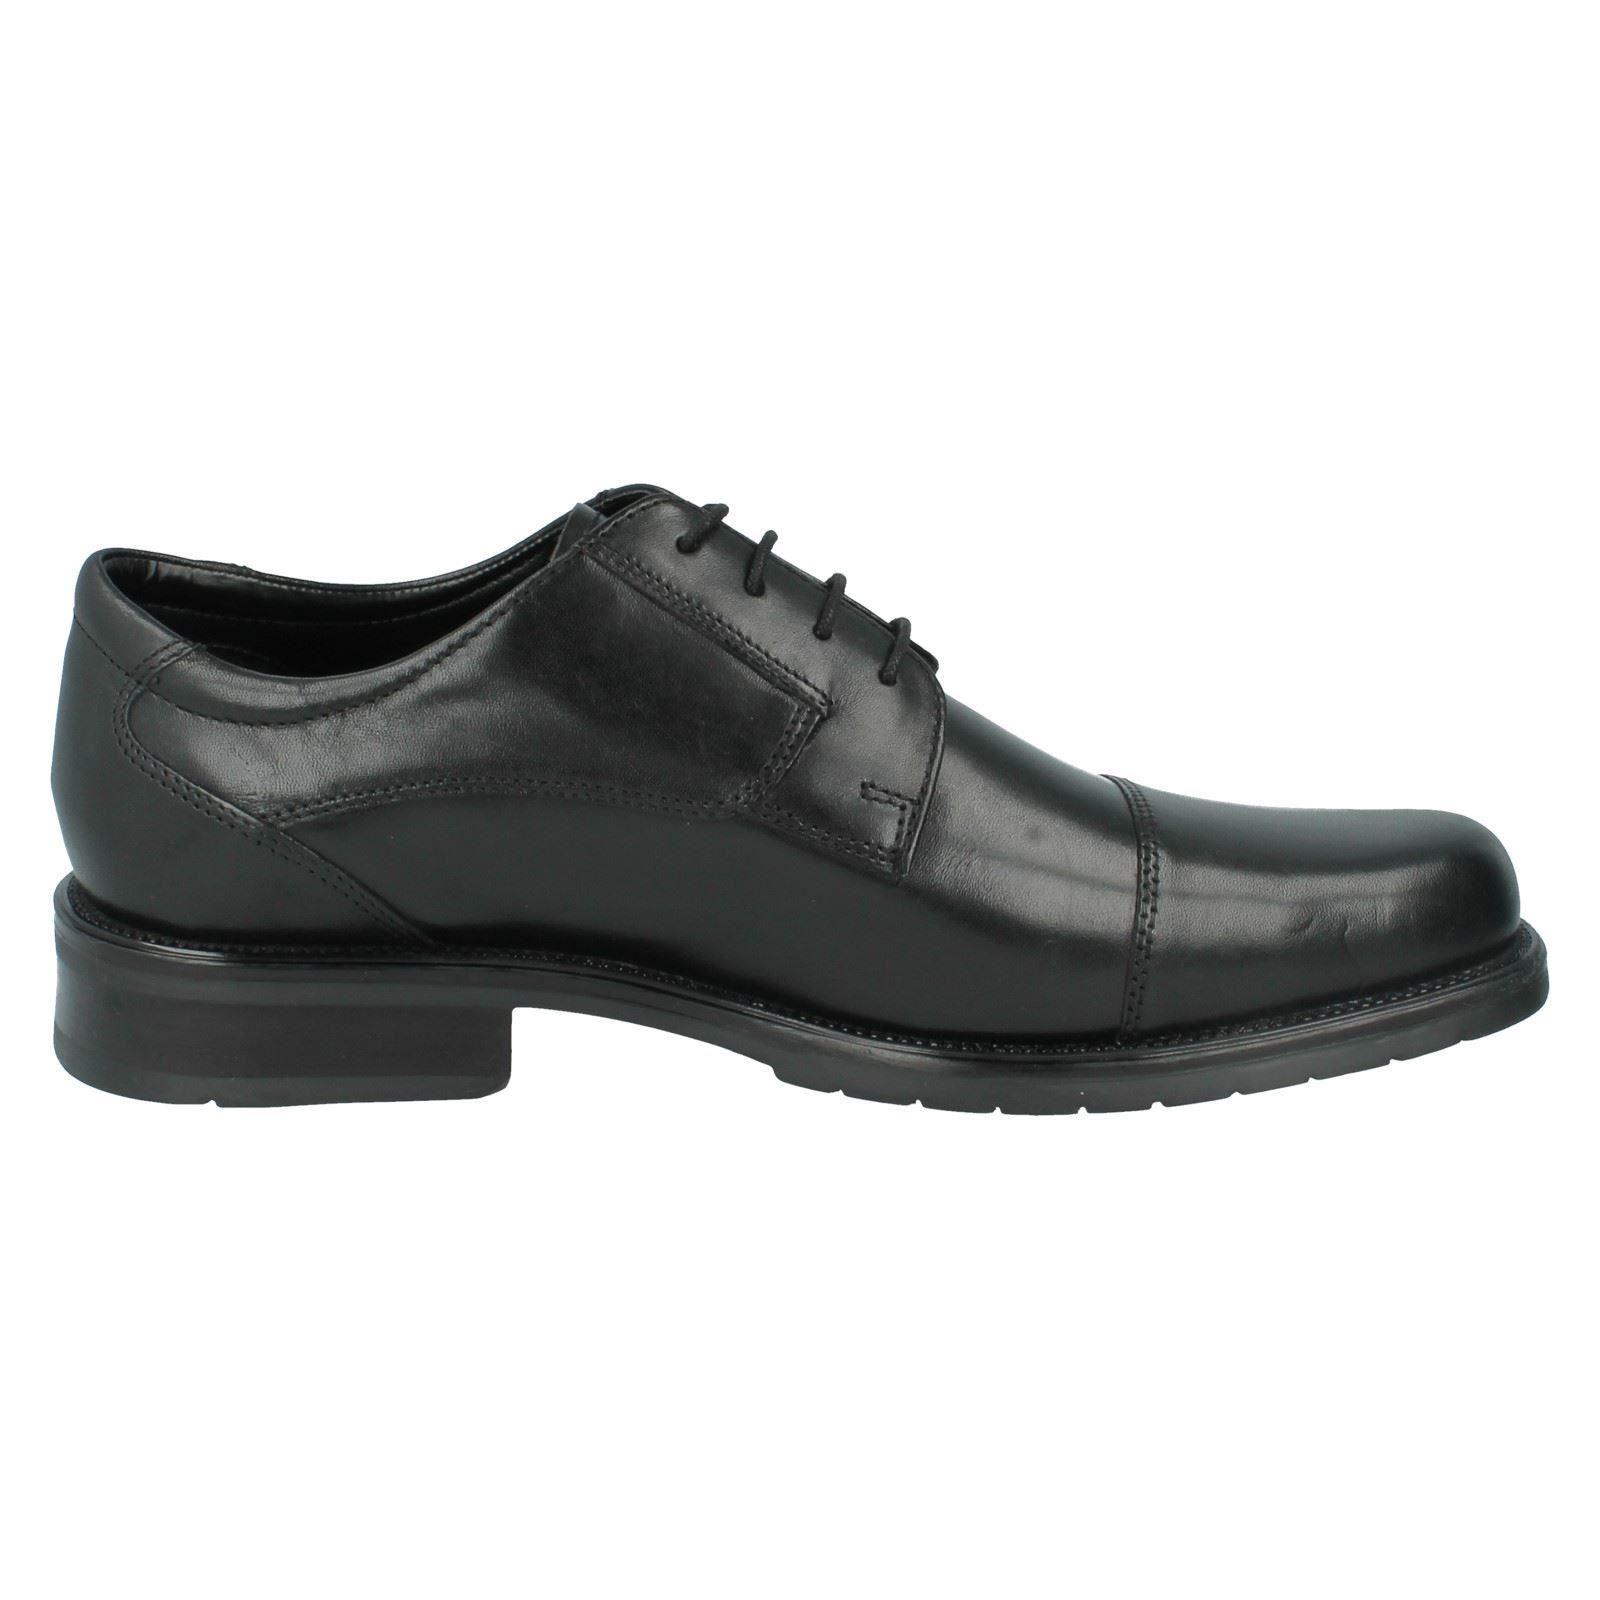 Para Hombre Clarks lazada Zapatos el estilo-un estilo-un el amplio acto ad324a